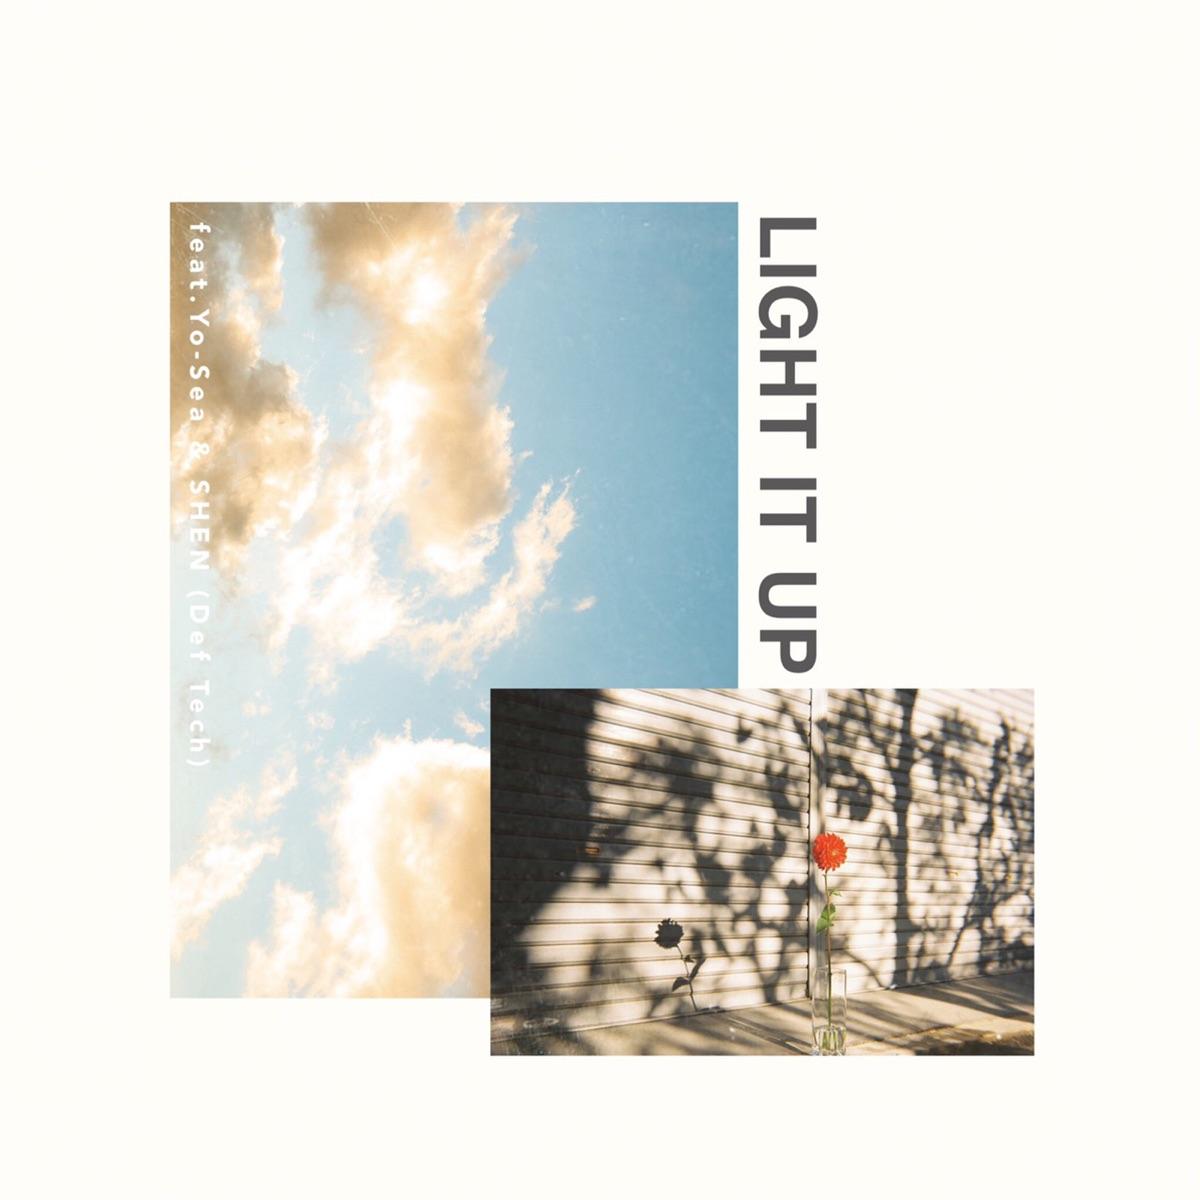 『iCE KiD - Light it up feat.Yo-Sea & Shen(Def Tech)』収録の『Light it up feat.Yo-Sea & Shen(Def Tech)』ジャケット